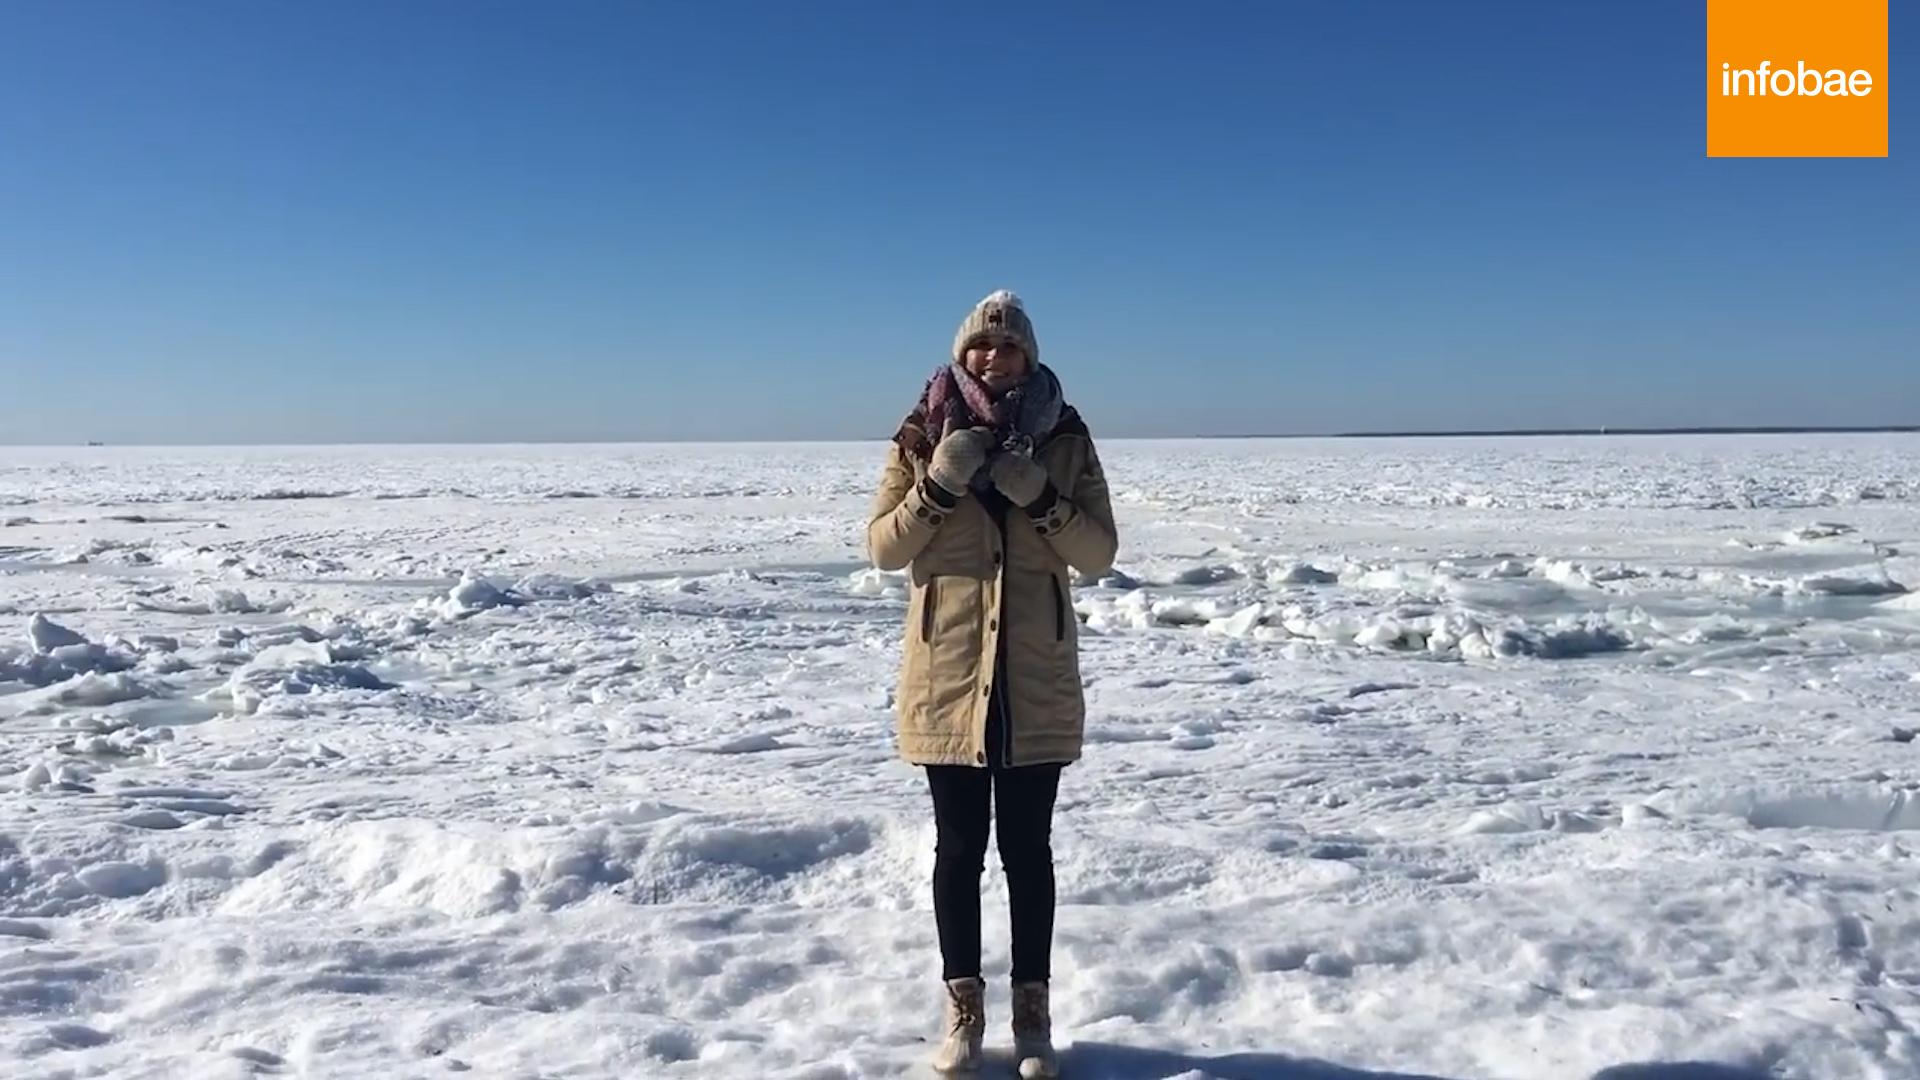 Hasta el horizonte, el mar se cubrió de hielo tras bajar la temperatura a -20°C